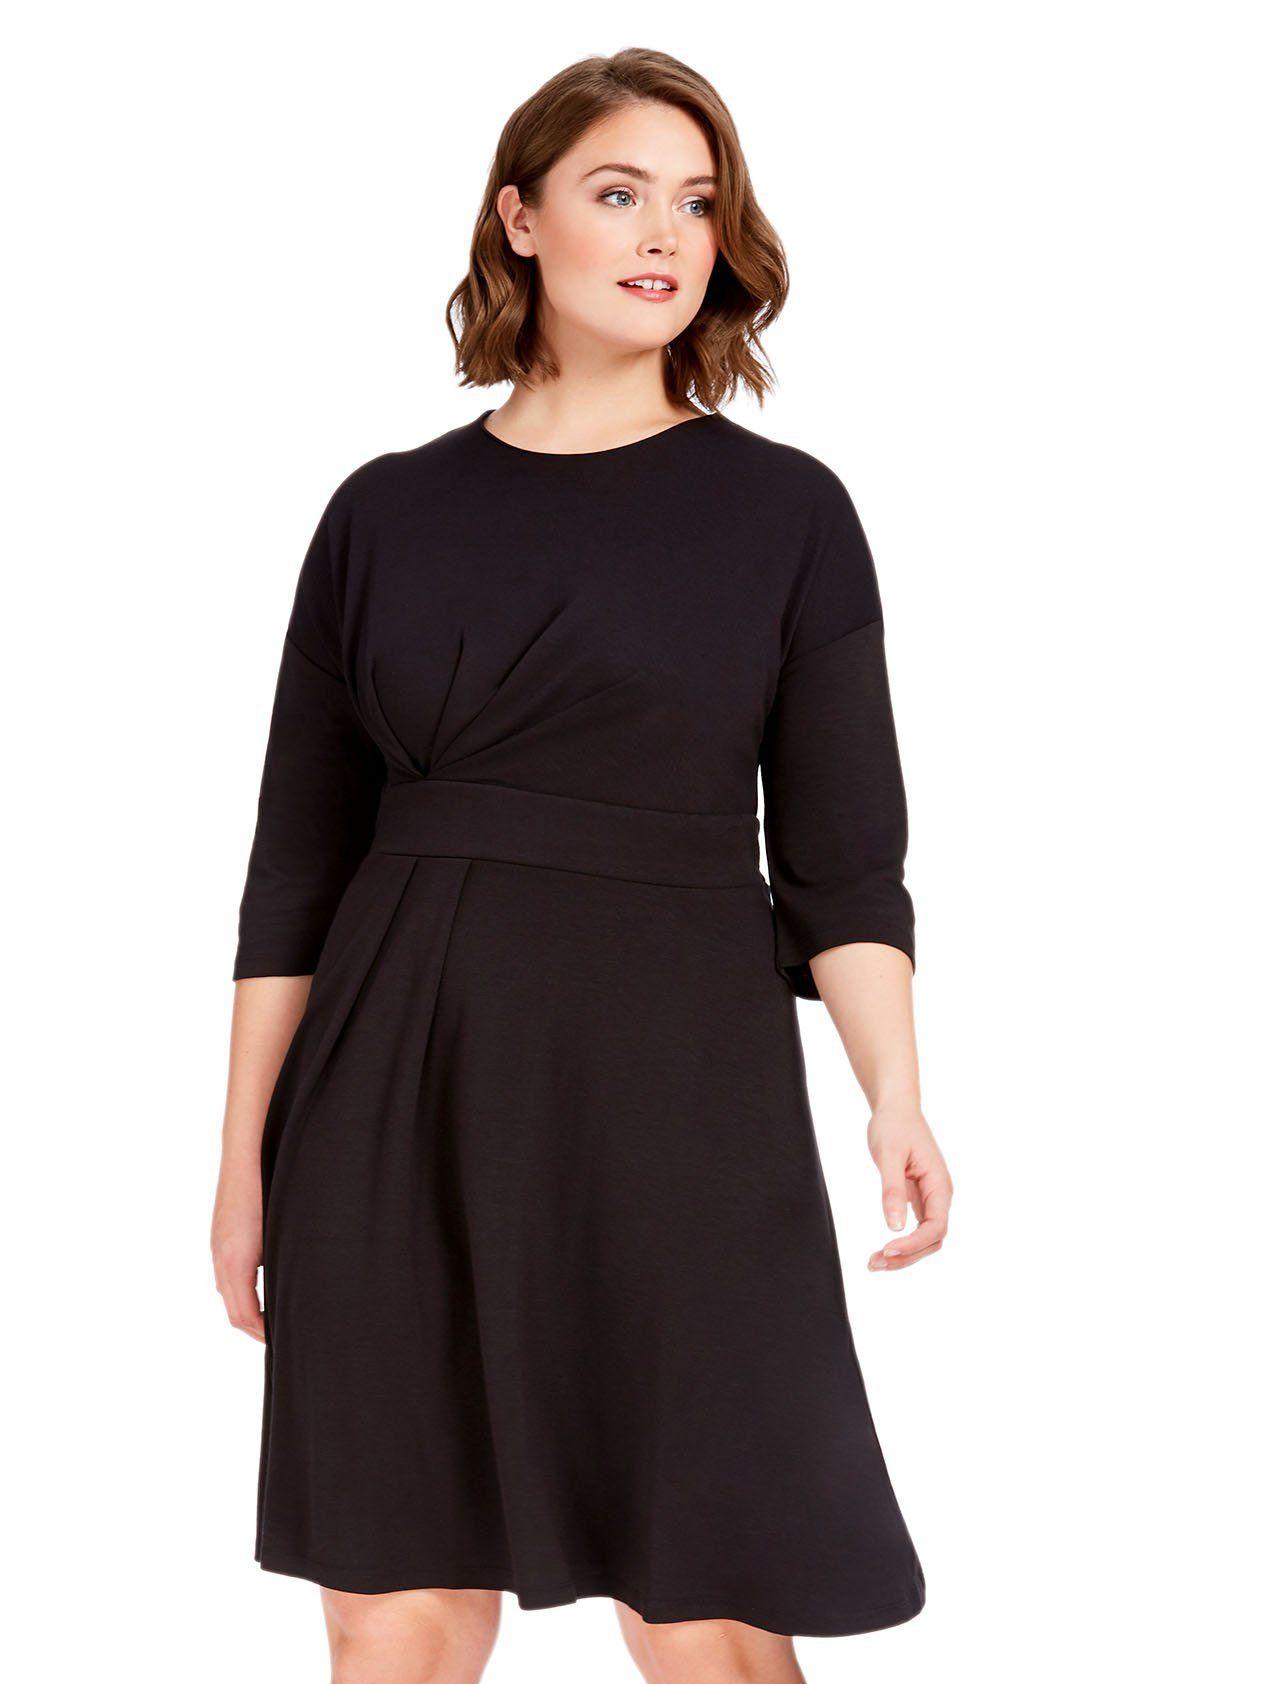 d0e94218099 Asymmetrical Pleated Dress